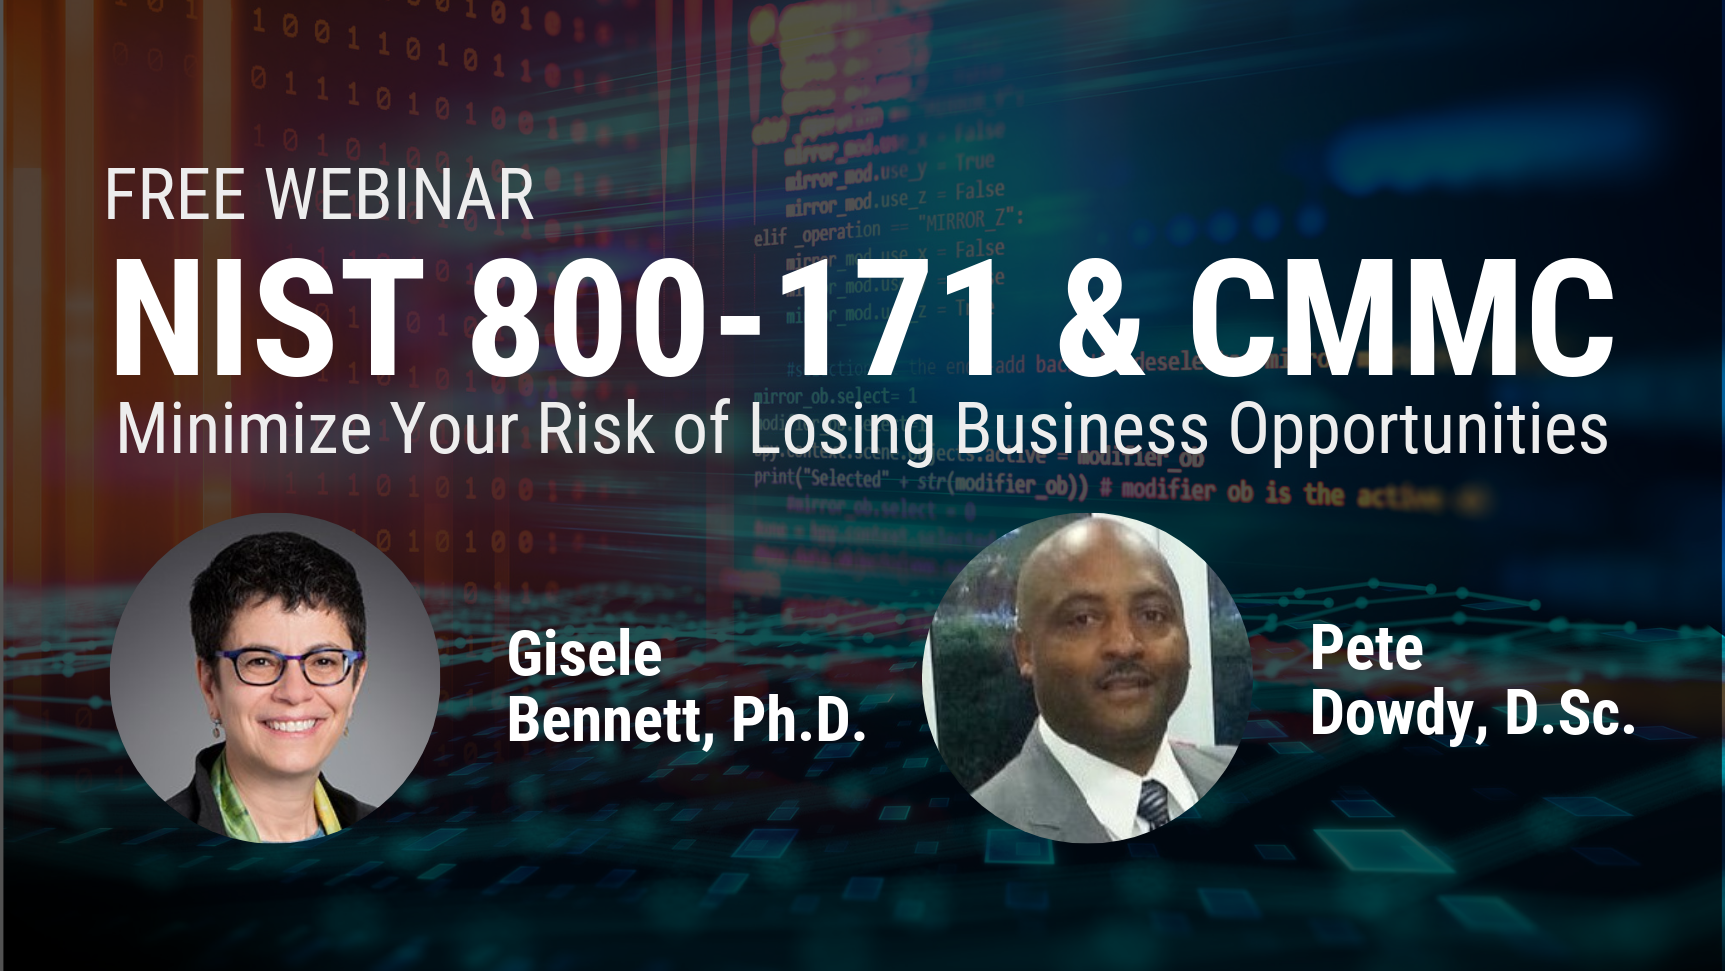 NIST 800-171 & CMMC Minimize Risk